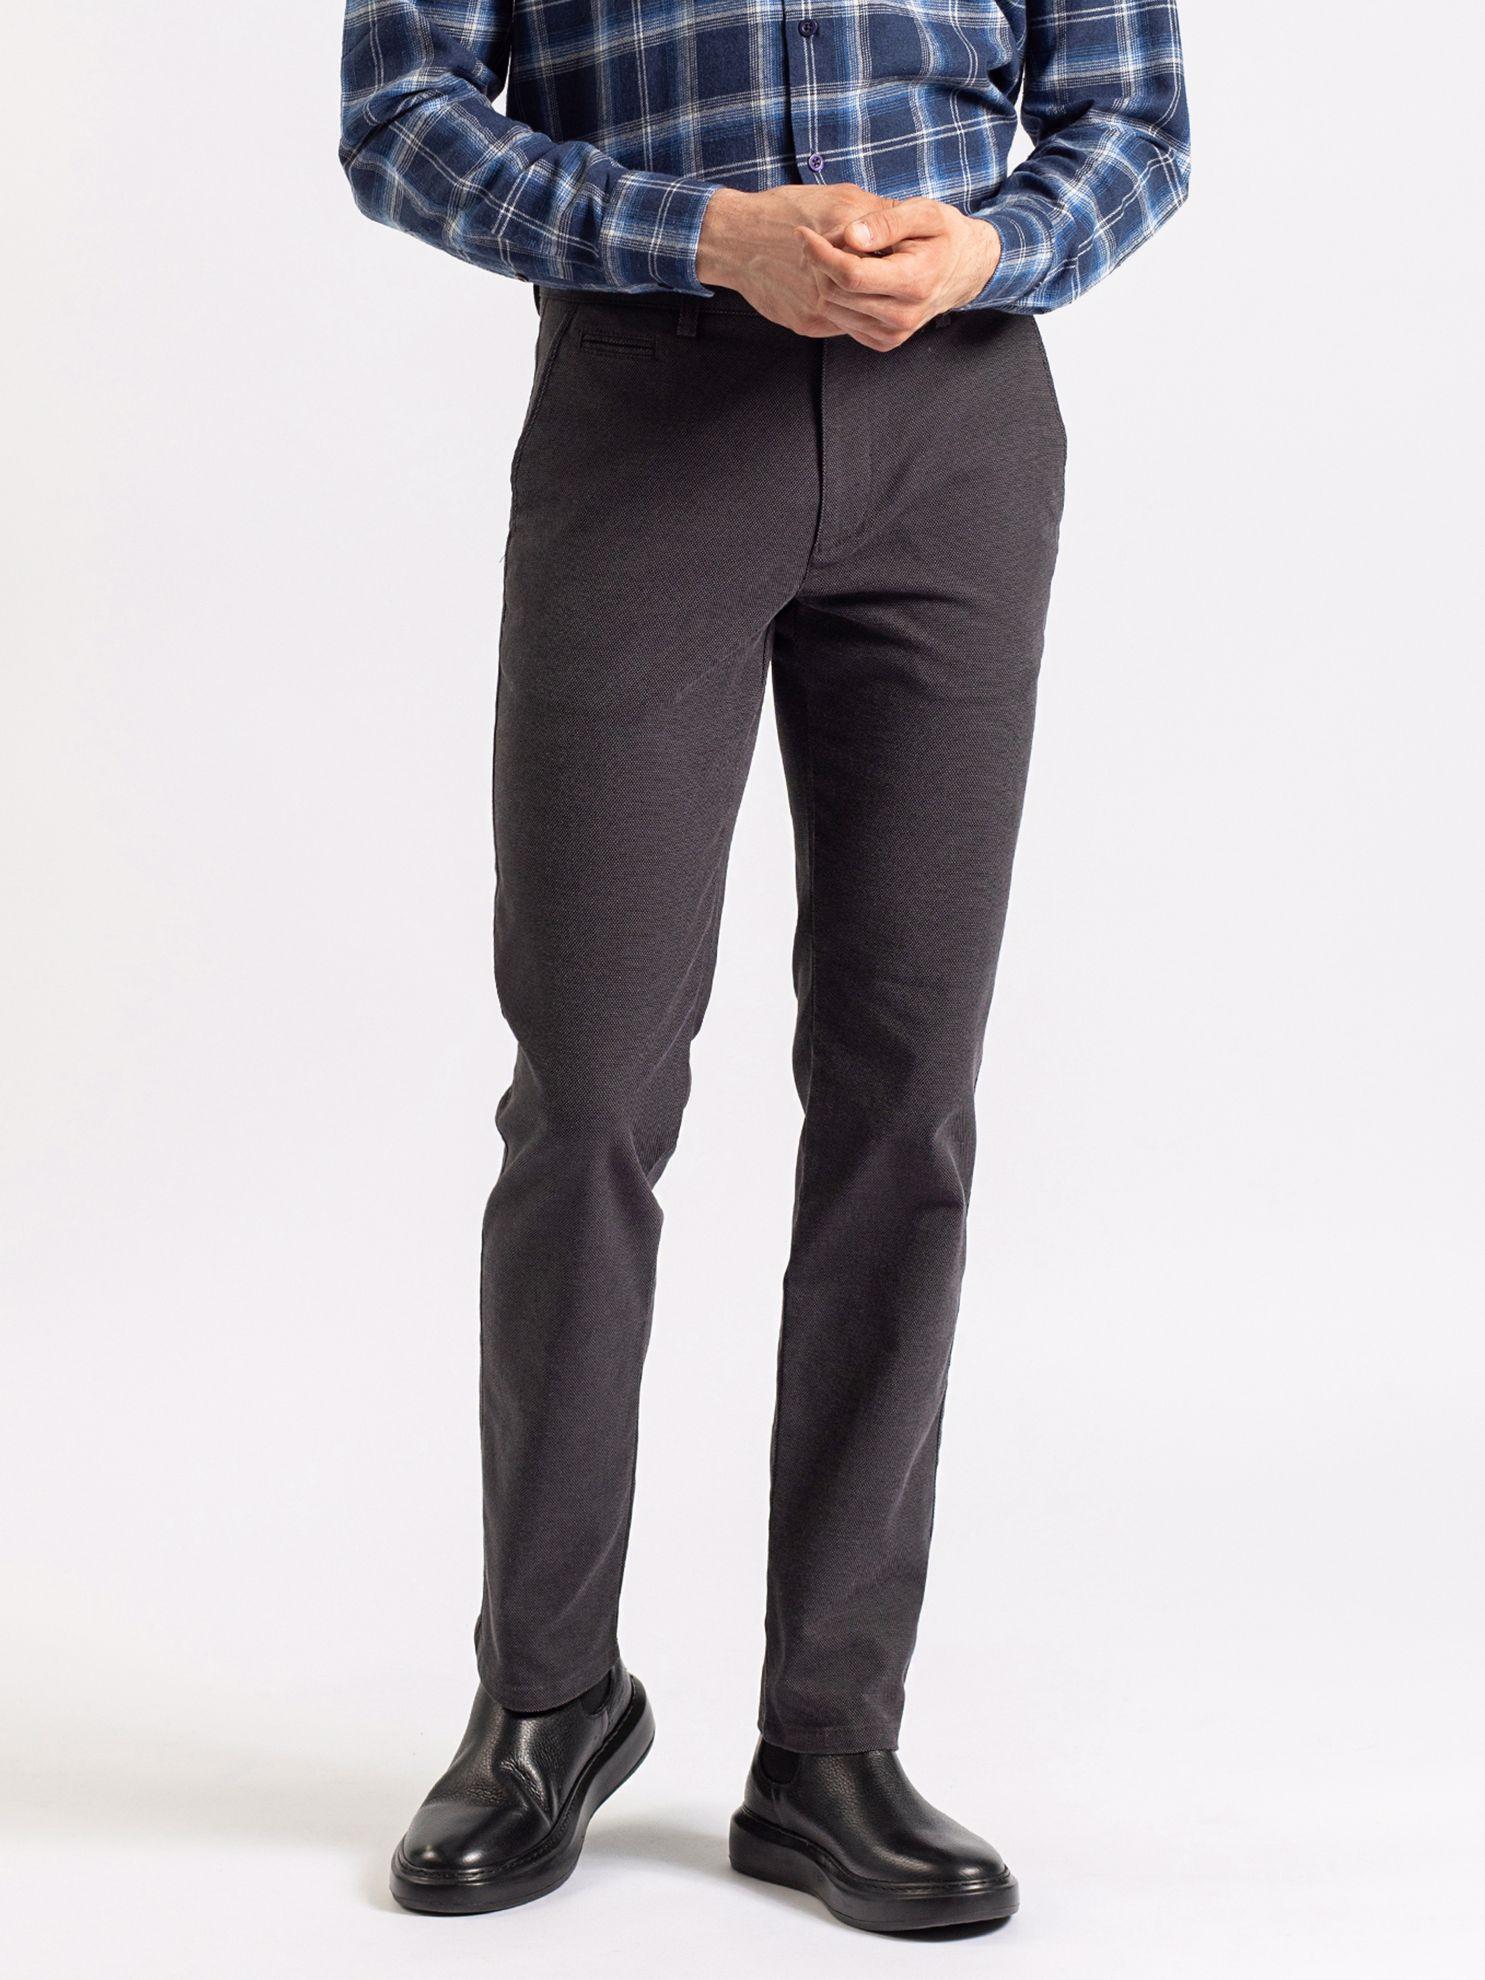 Karaca Erkek 6 Drop Pantolon-Antrasit. ürün görseli